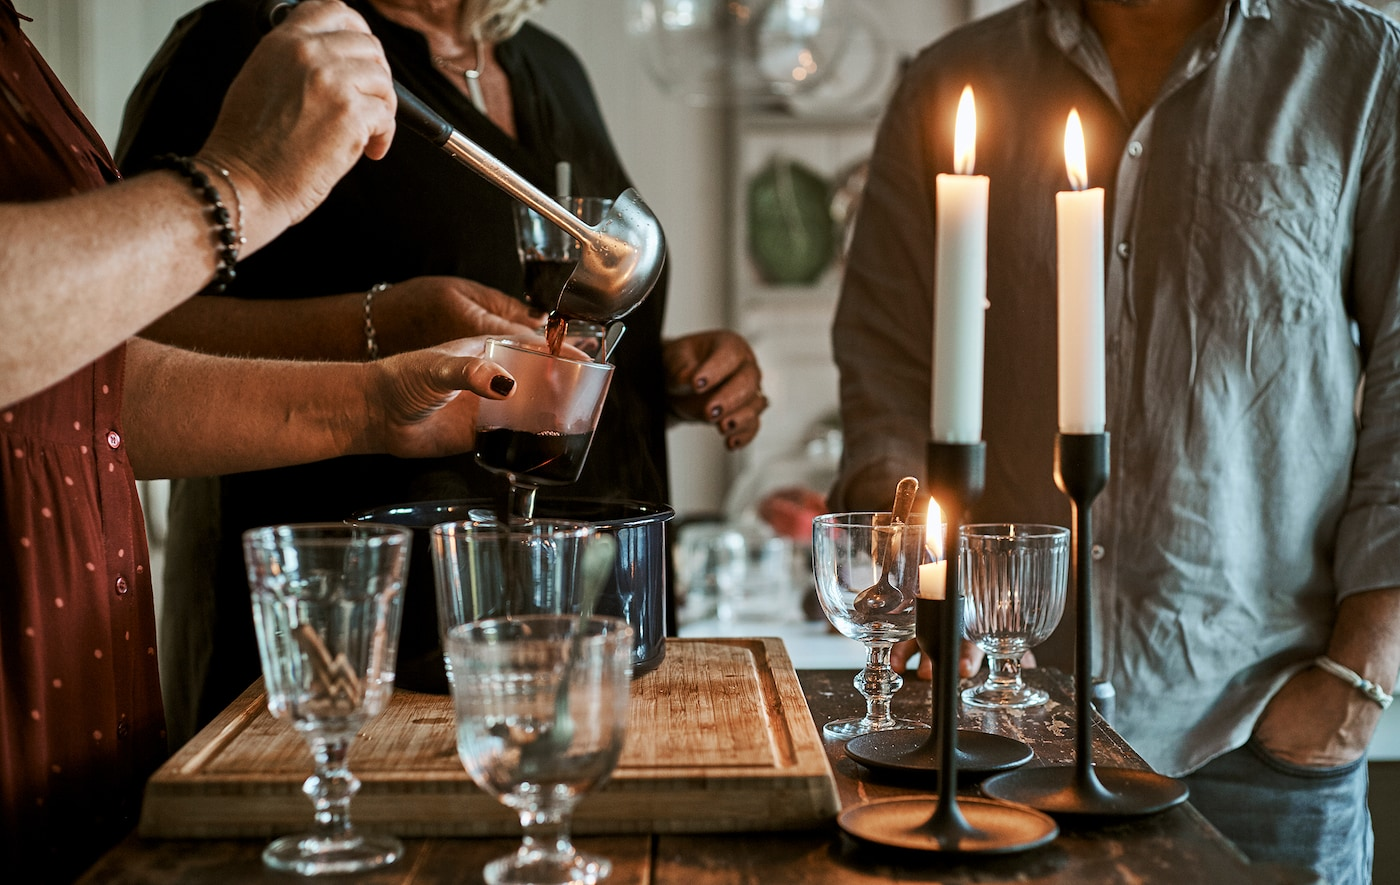 Varias personas de pie junto a una isla de cocina con vasos, velas encendidas y un recipiente con ponche caliente; una de ellas está echando la bebida en un vaso con un cazo.